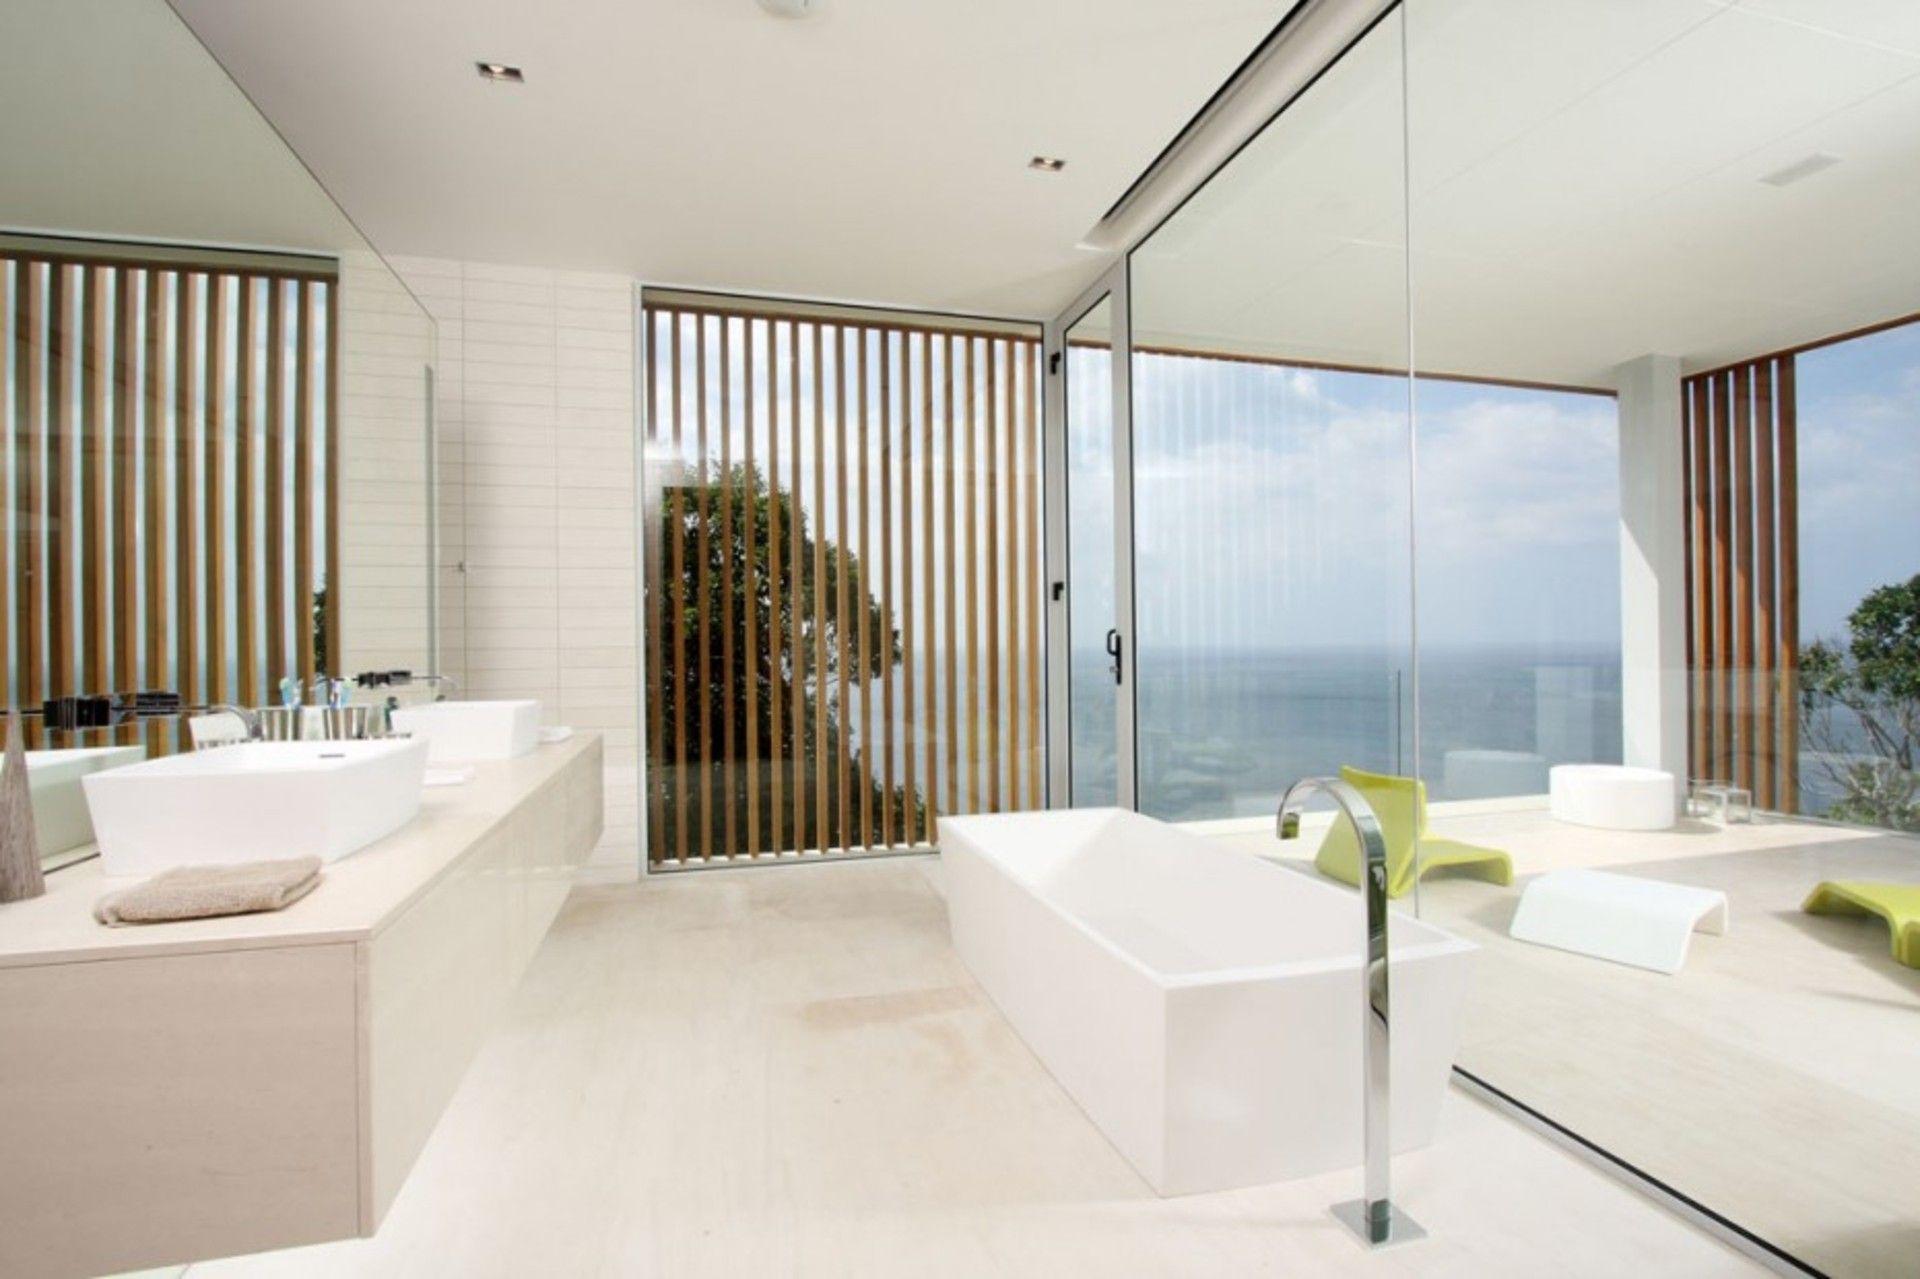 g banera muy blanco | Diseño de baños modernos, Diseño de ...